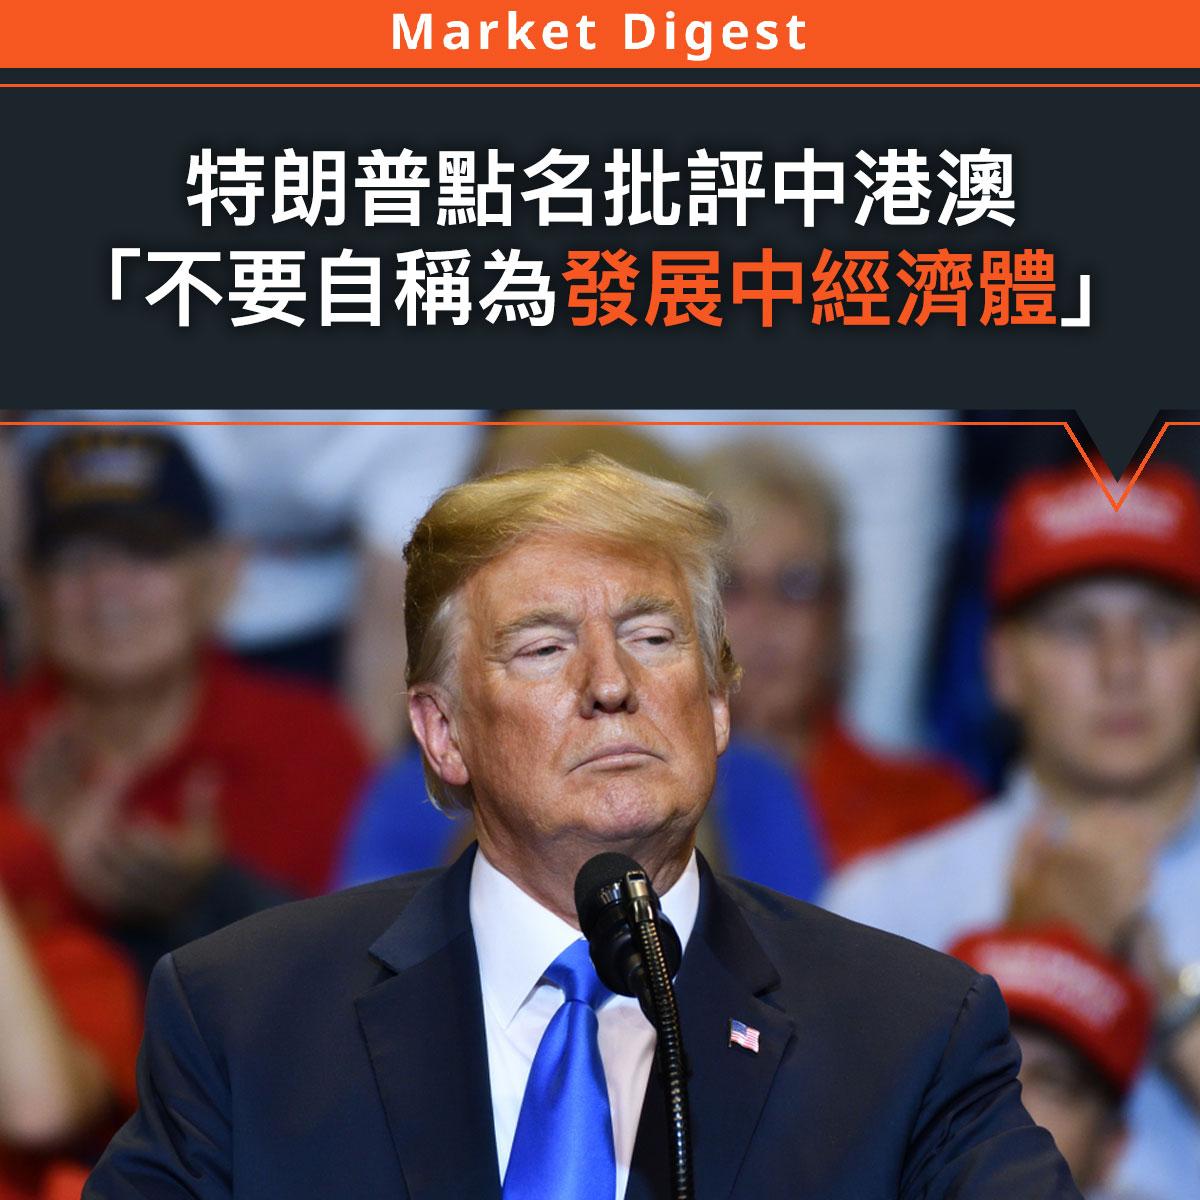 【中美貿戰】特朗普點名批評中港澳 「不要自稱為發展中經濟體」